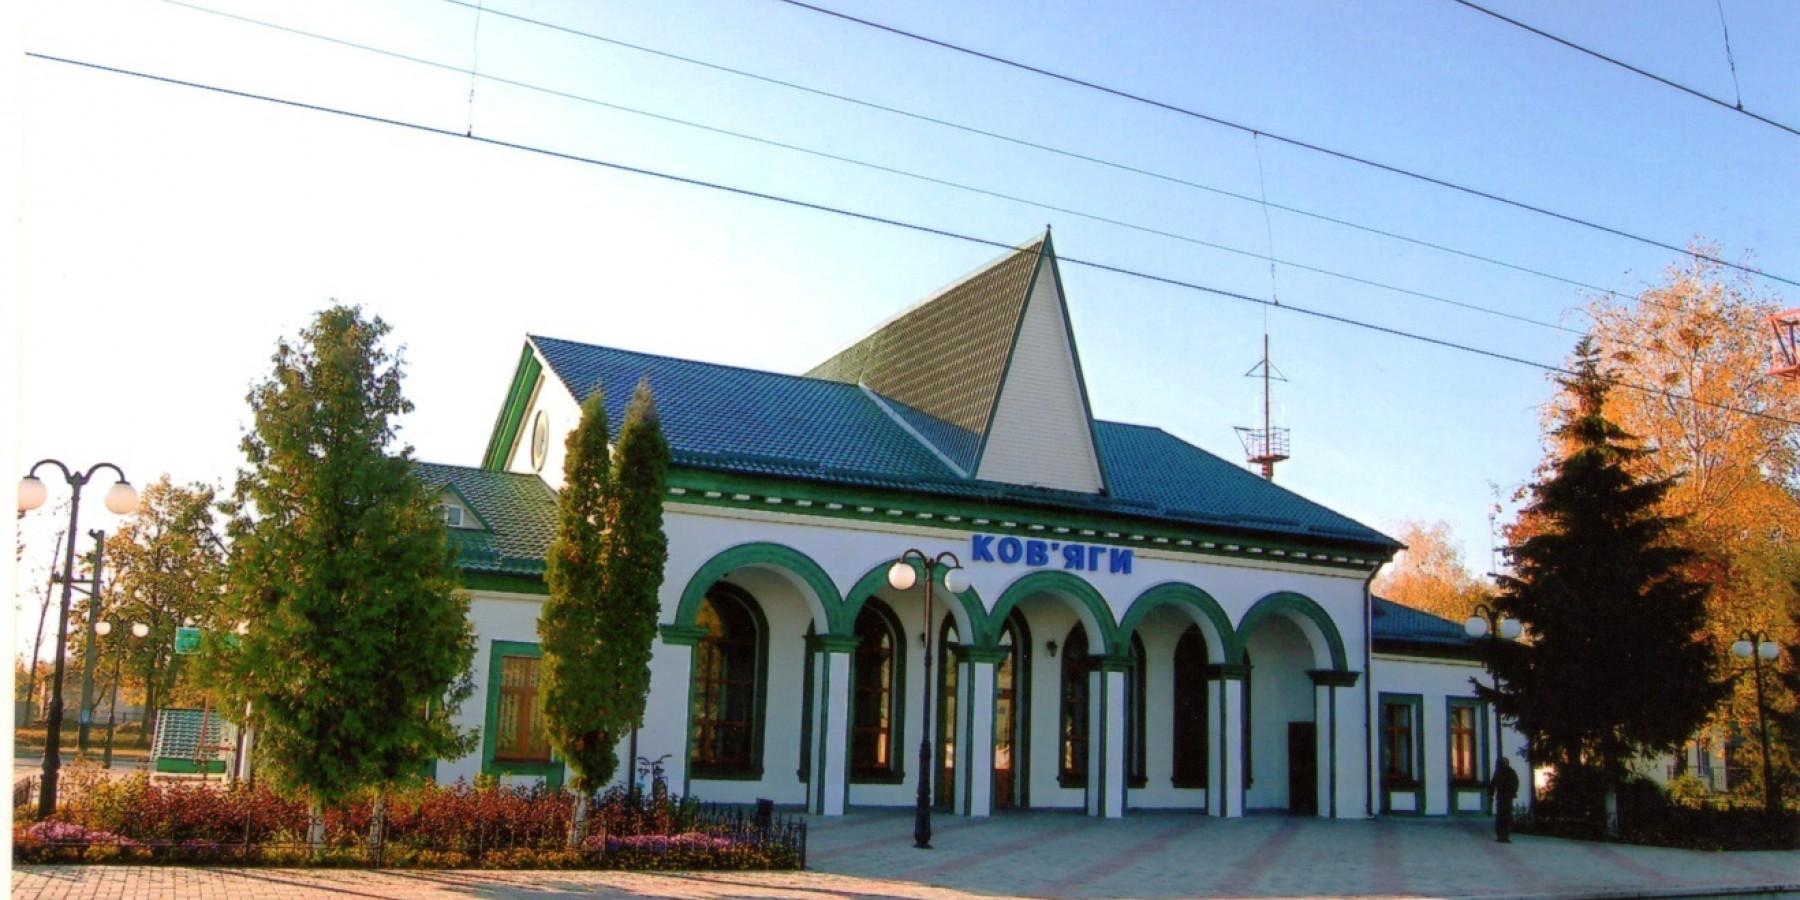 Залізнична станція у селищі Ков'яги